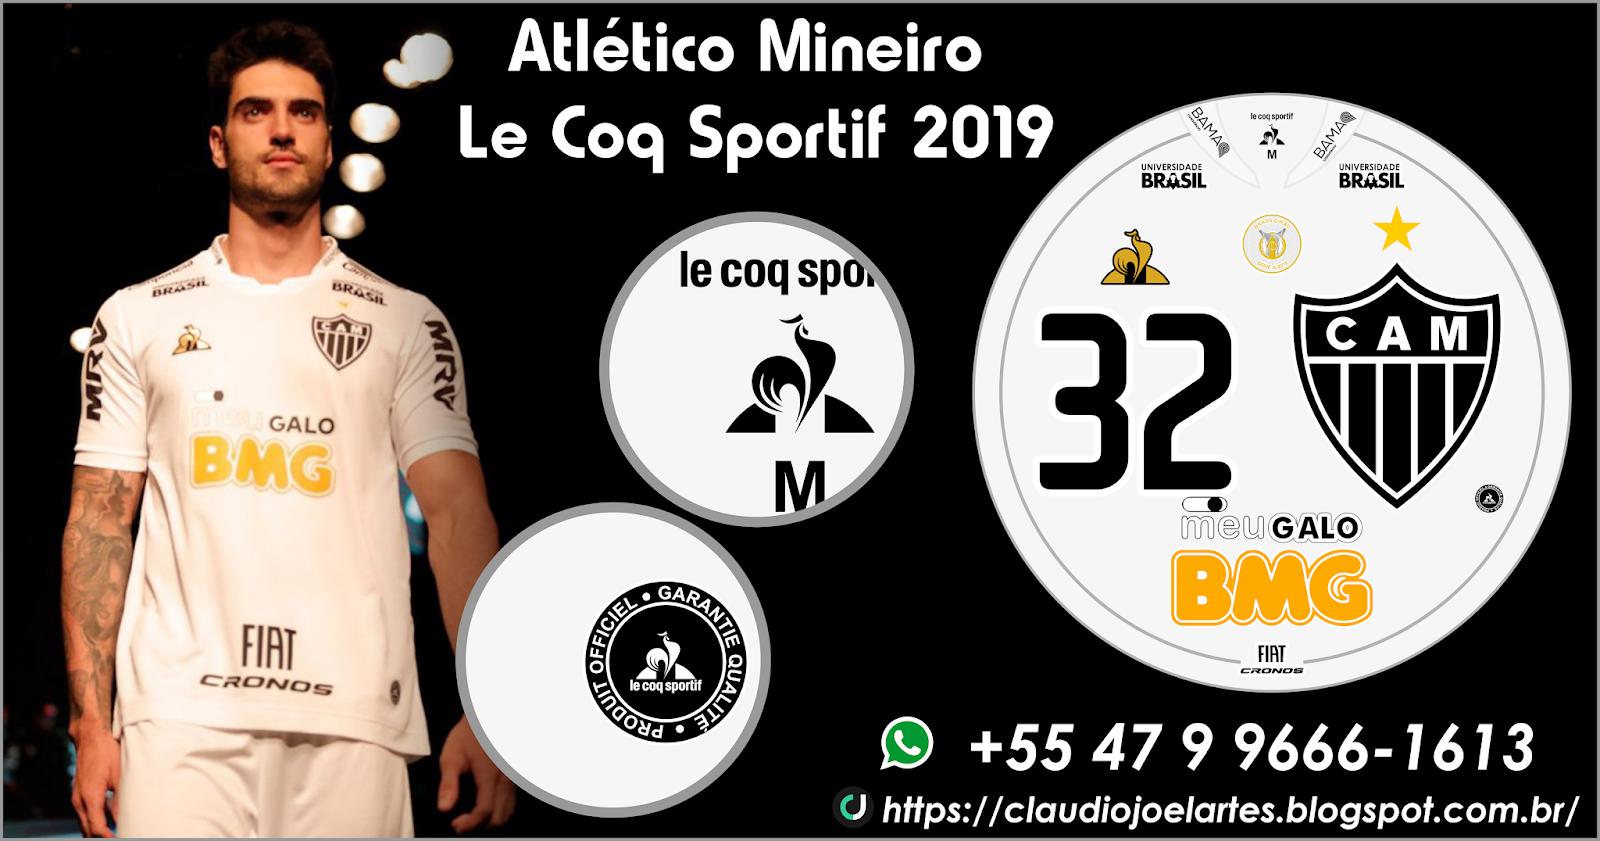 Artes para Futebol de Botão : Atlético Mineiro Le Coq